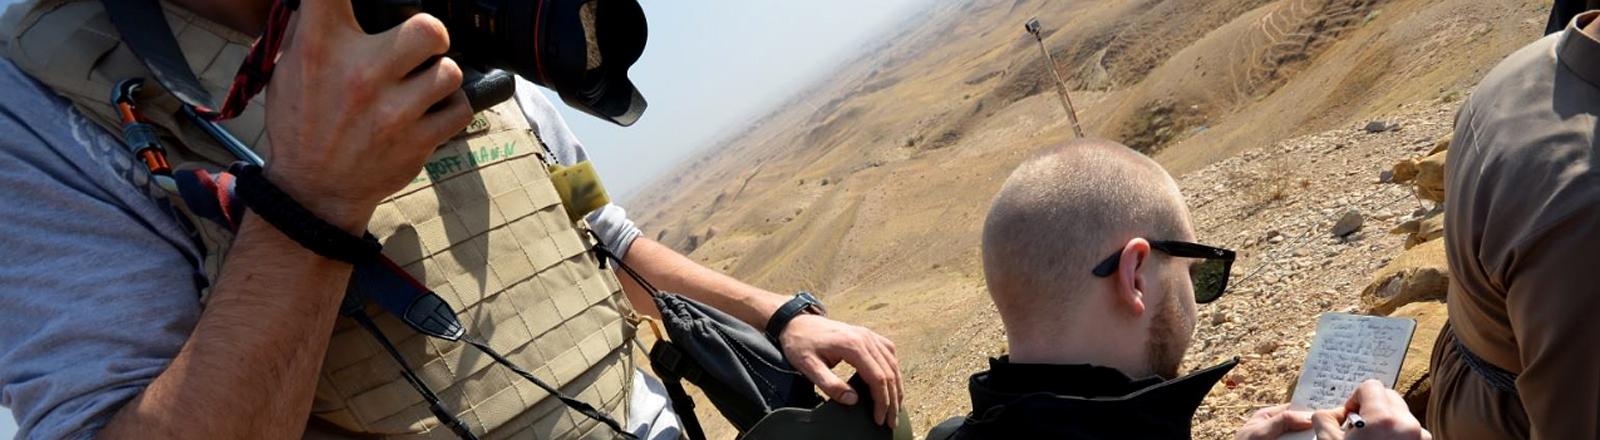 Fotograf mit Kamera und Journalist in der Wüste